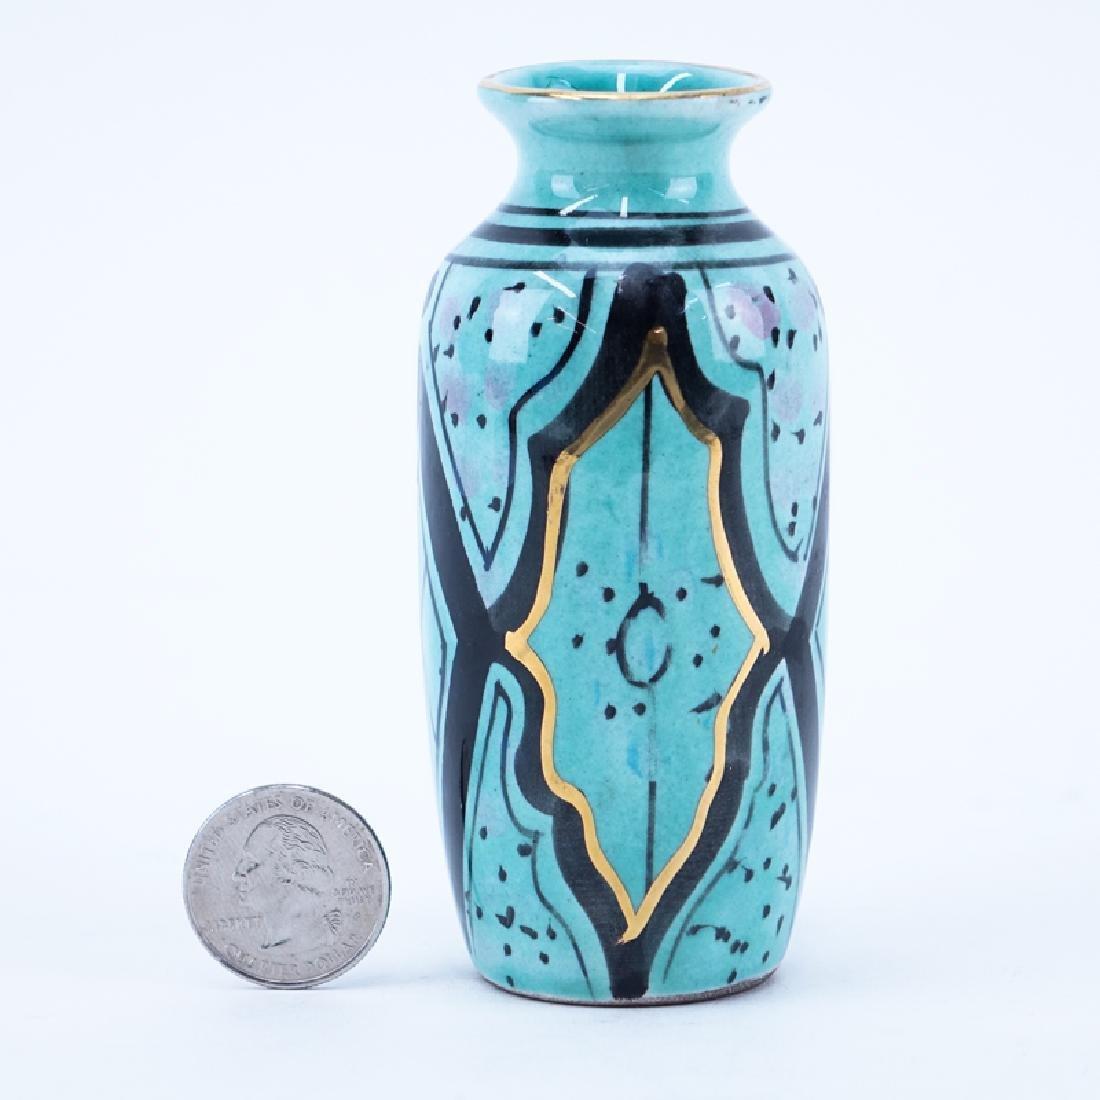 Art Deco Period Handpainted Ceramic Vase.